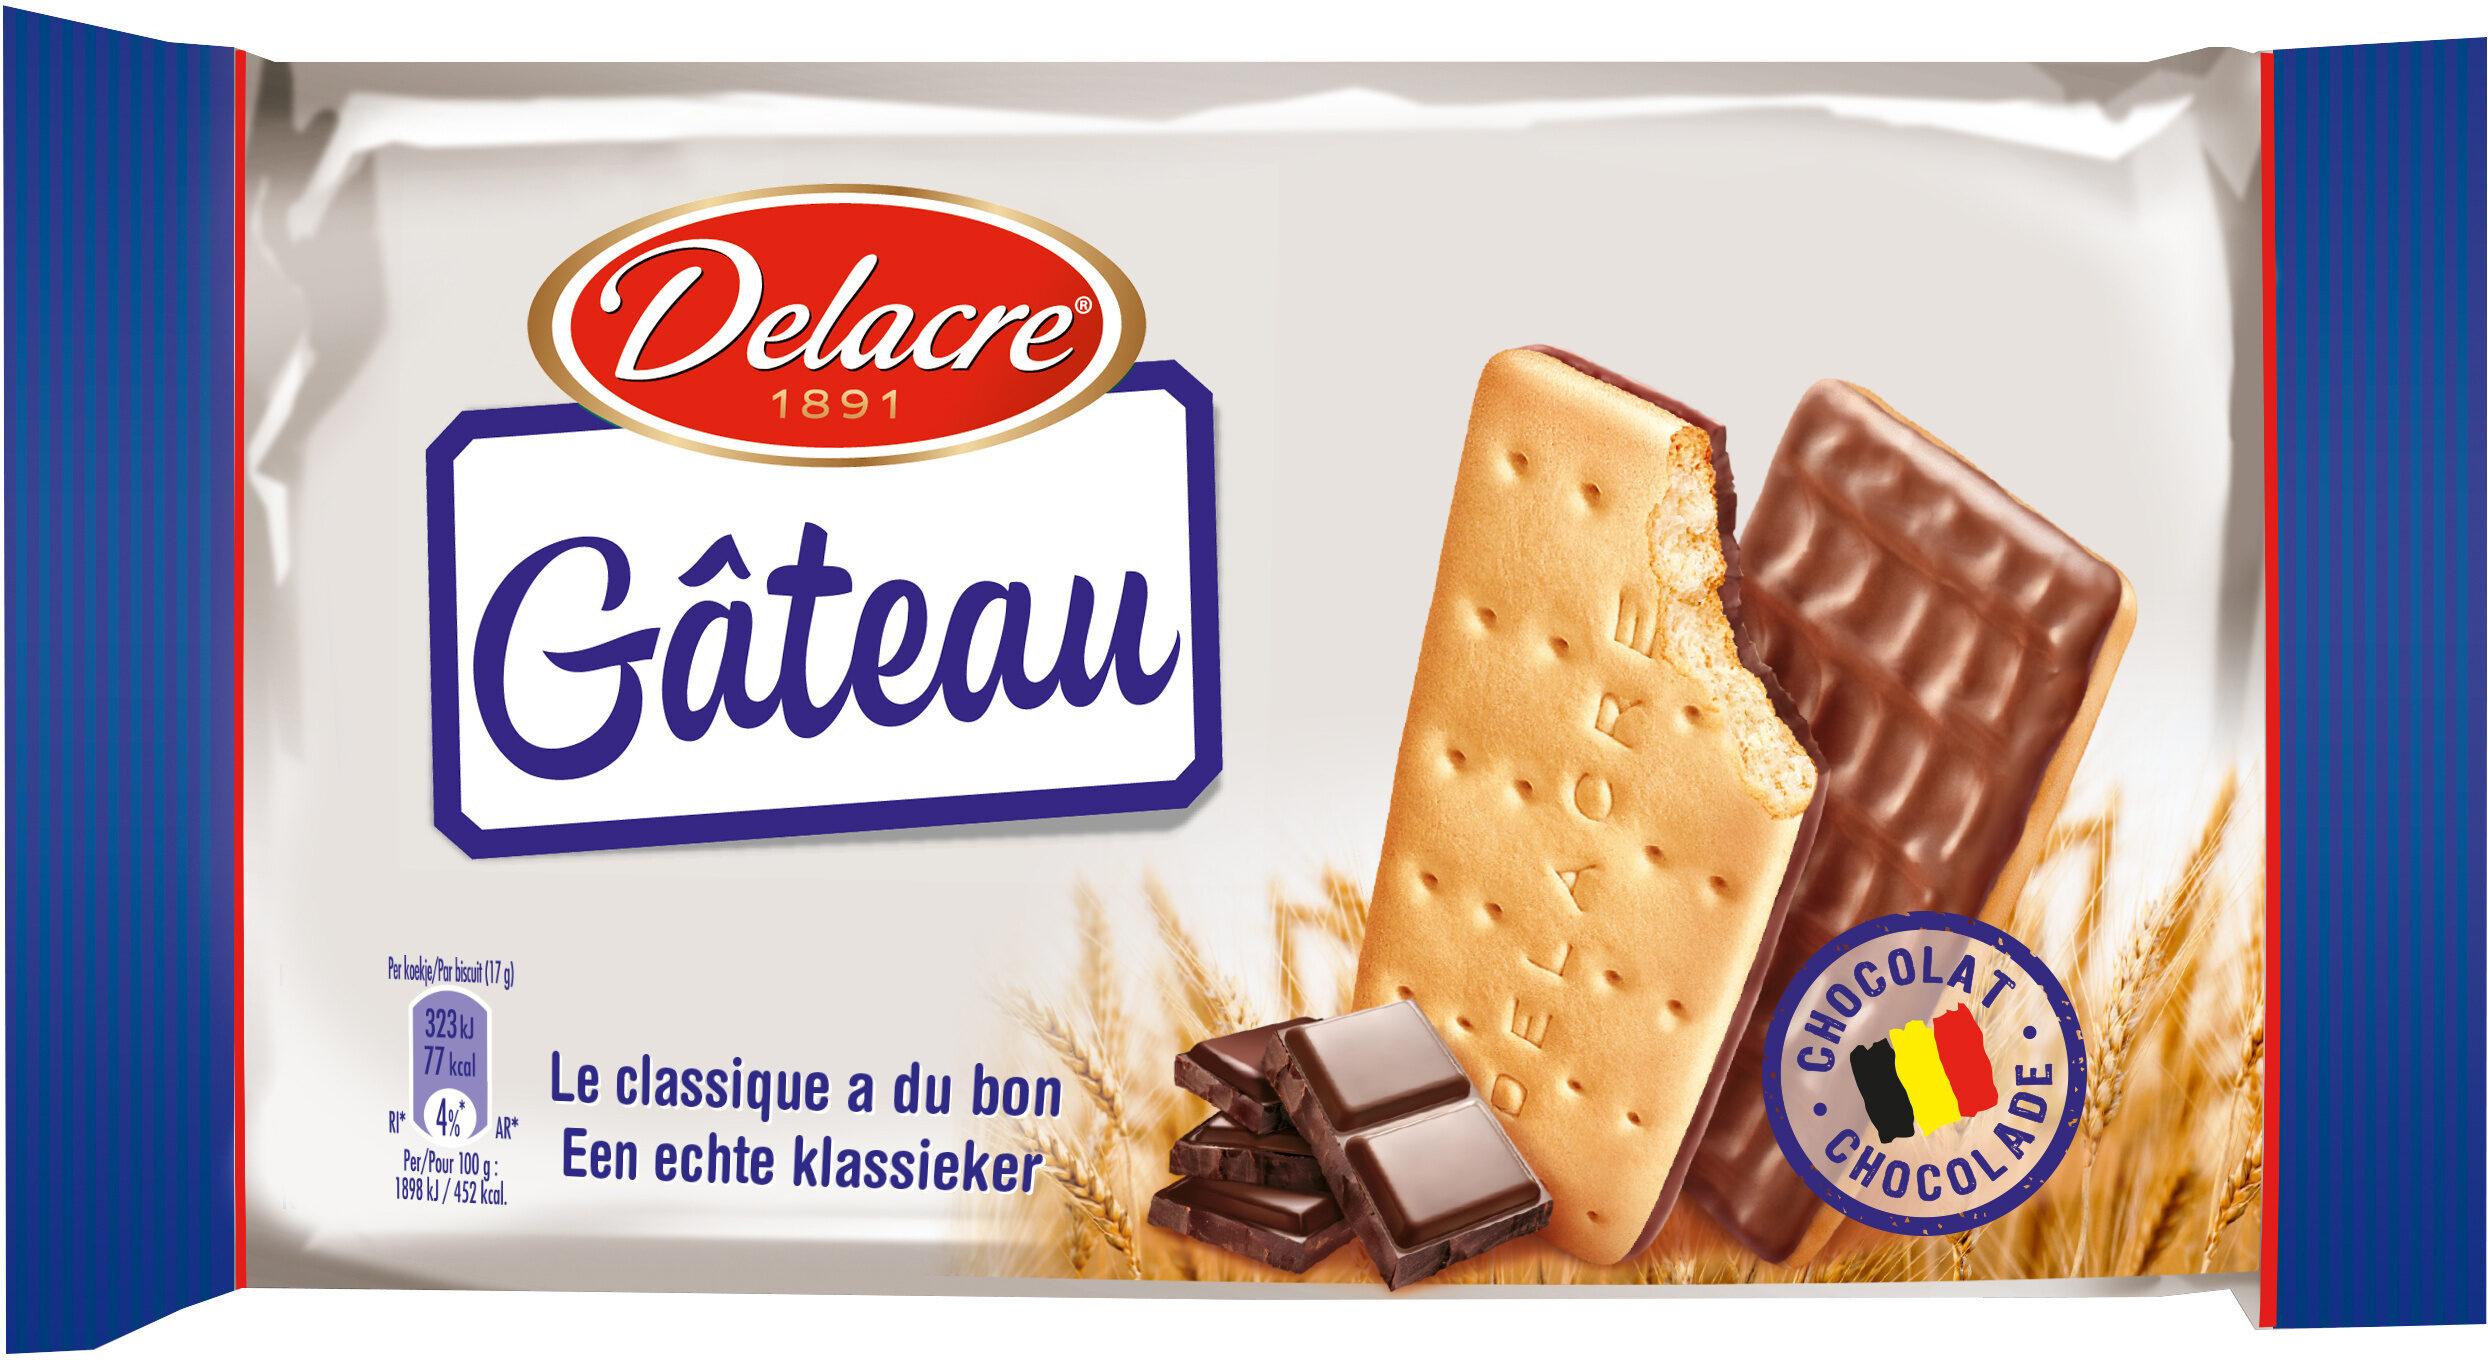 Delacre gateau chocolat - Product - fr